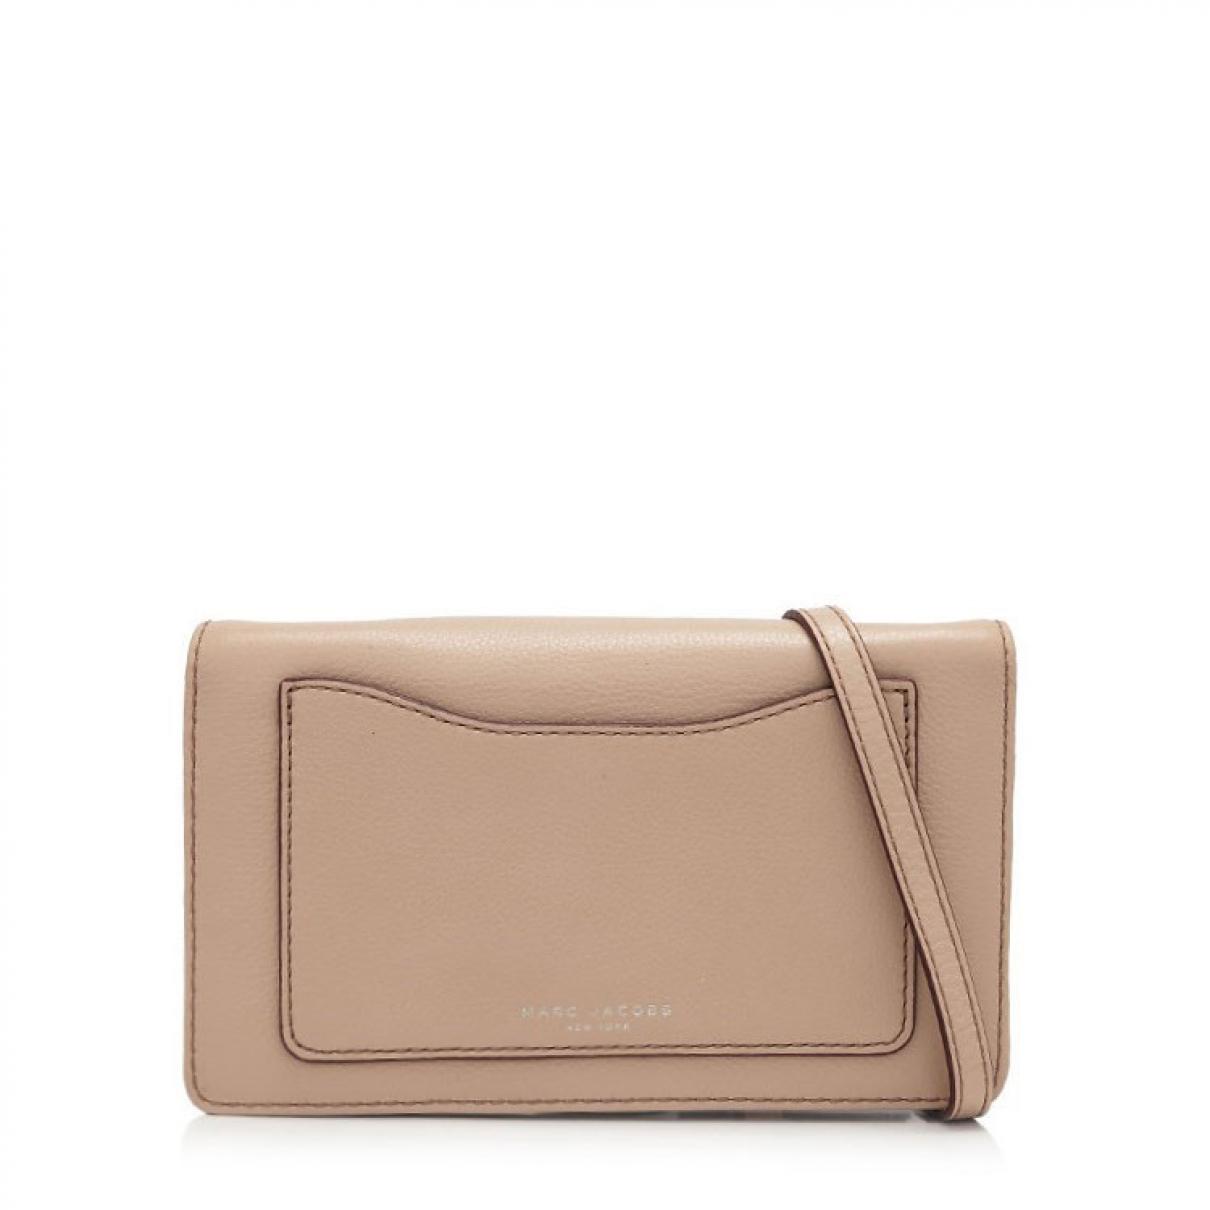 Marc Jacobs - Pochette   pour femme en cuir - beige